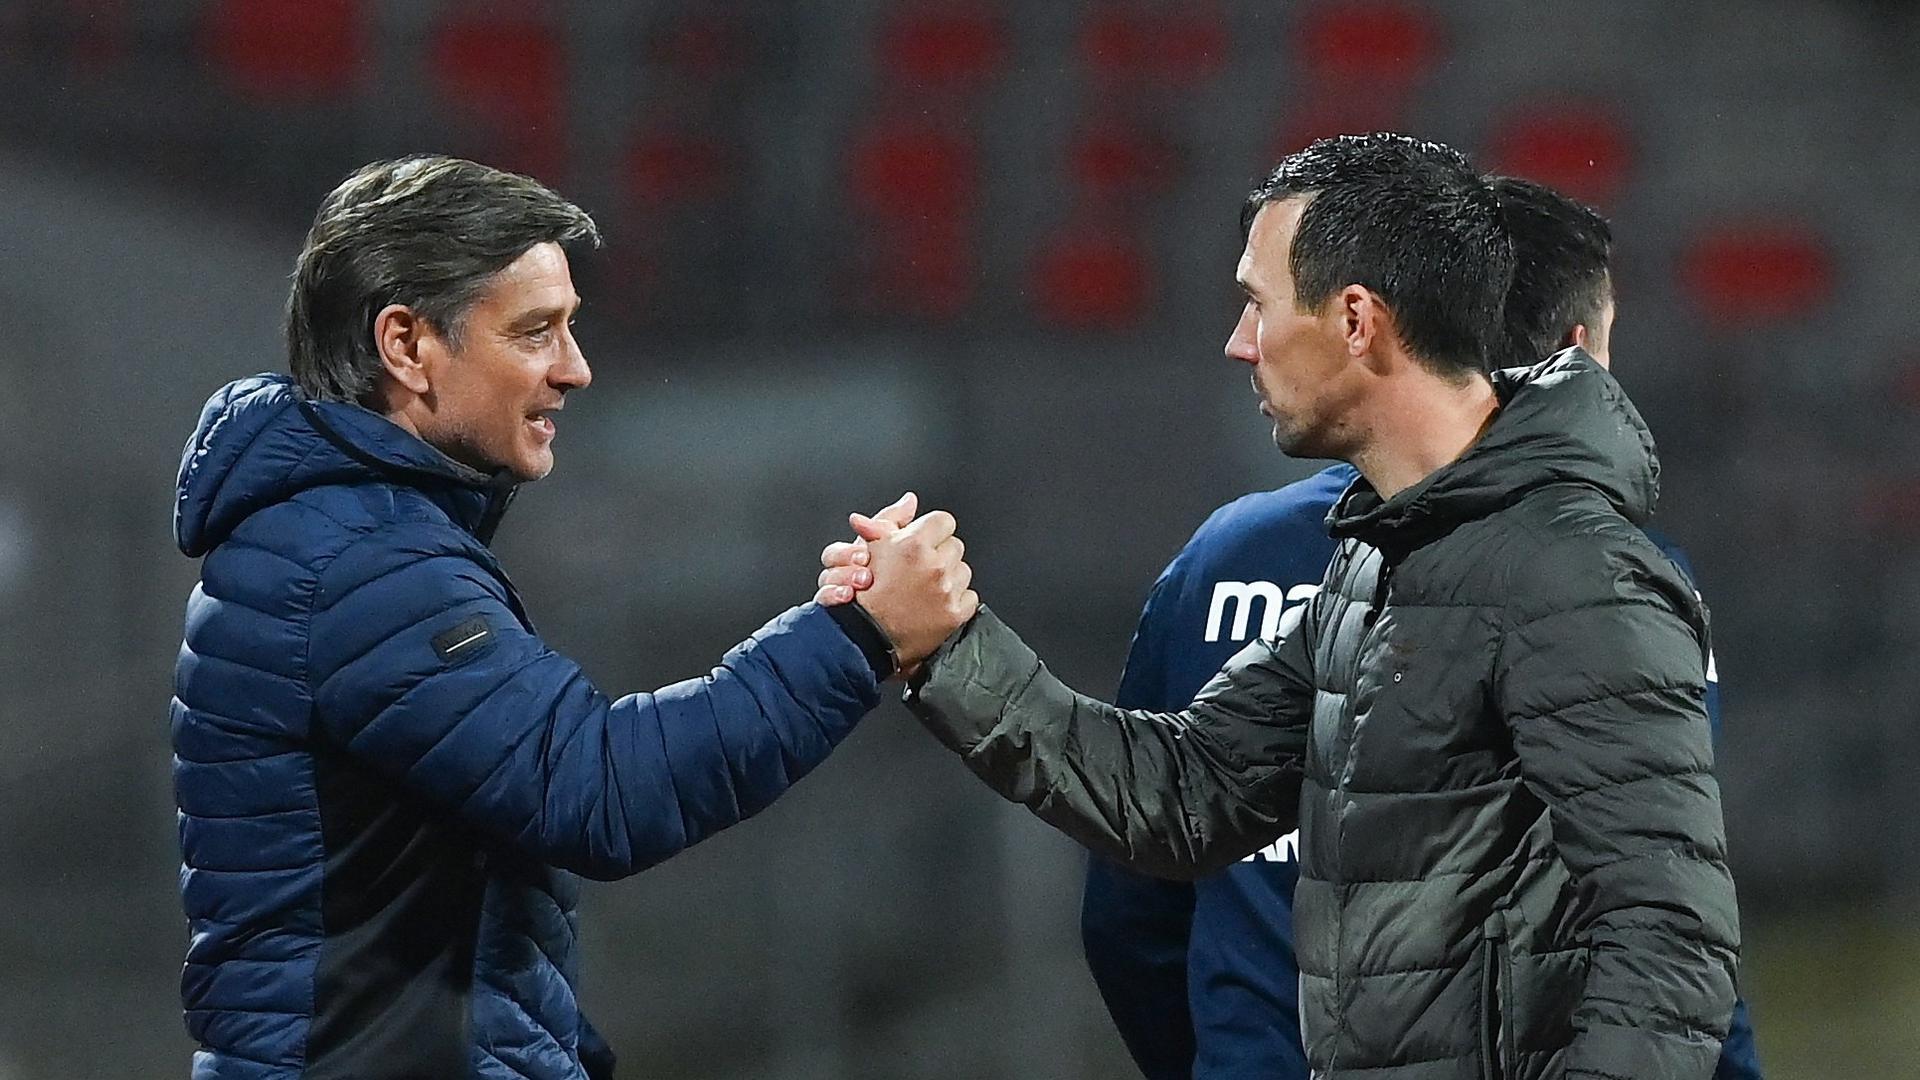 Einträchtig nach Spielende: Trainer Christian Eichner und Sportdirektor Oliver Kreuzer nach Schlusspfiff in Nürnberg.